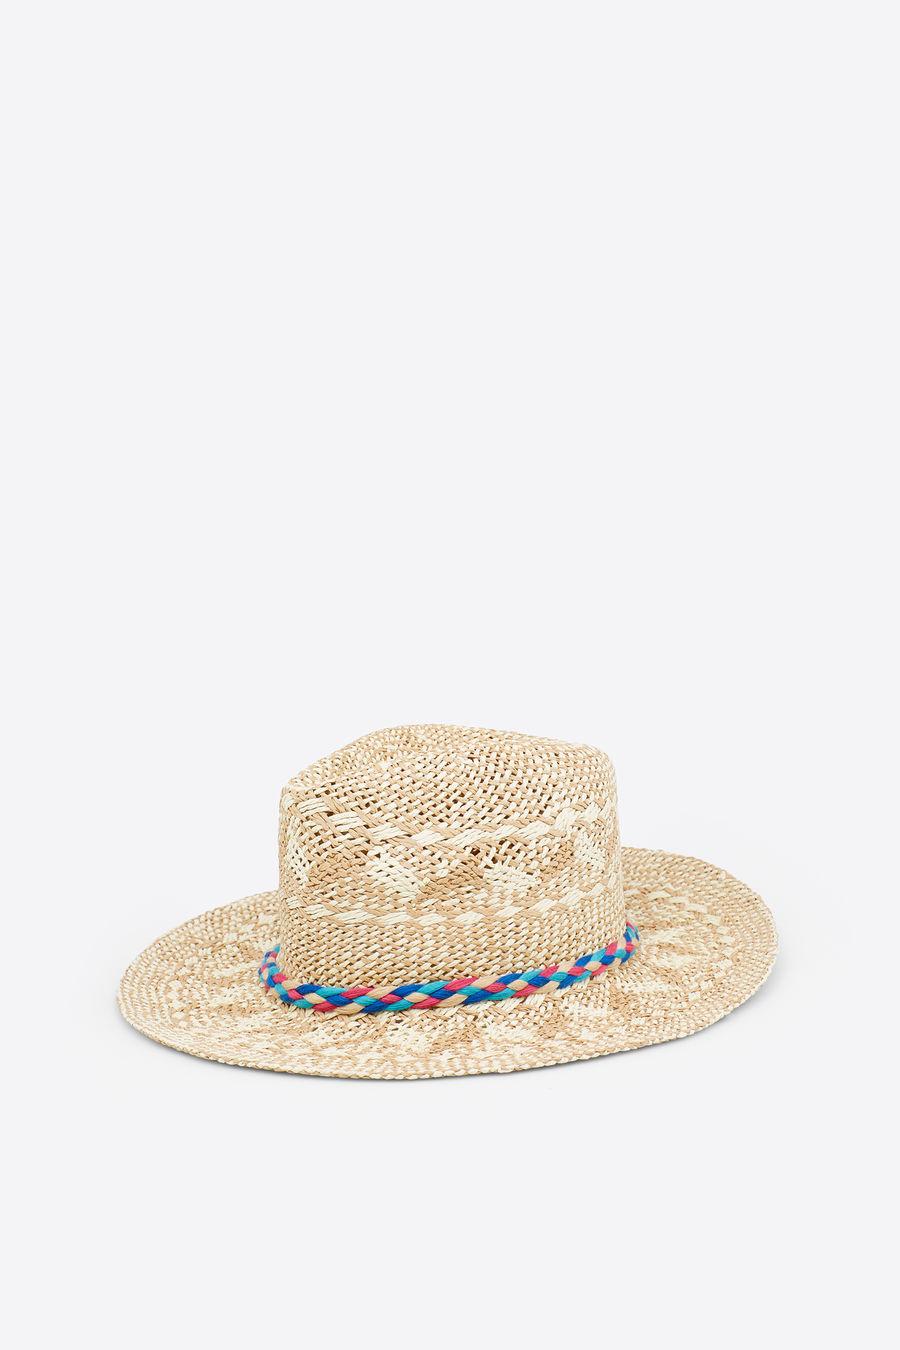 Sombrero de rafia básico con detalle de trenza multicolor con pompones. Un  accesorio más para tus looks de sol (19 6bb59d4d002